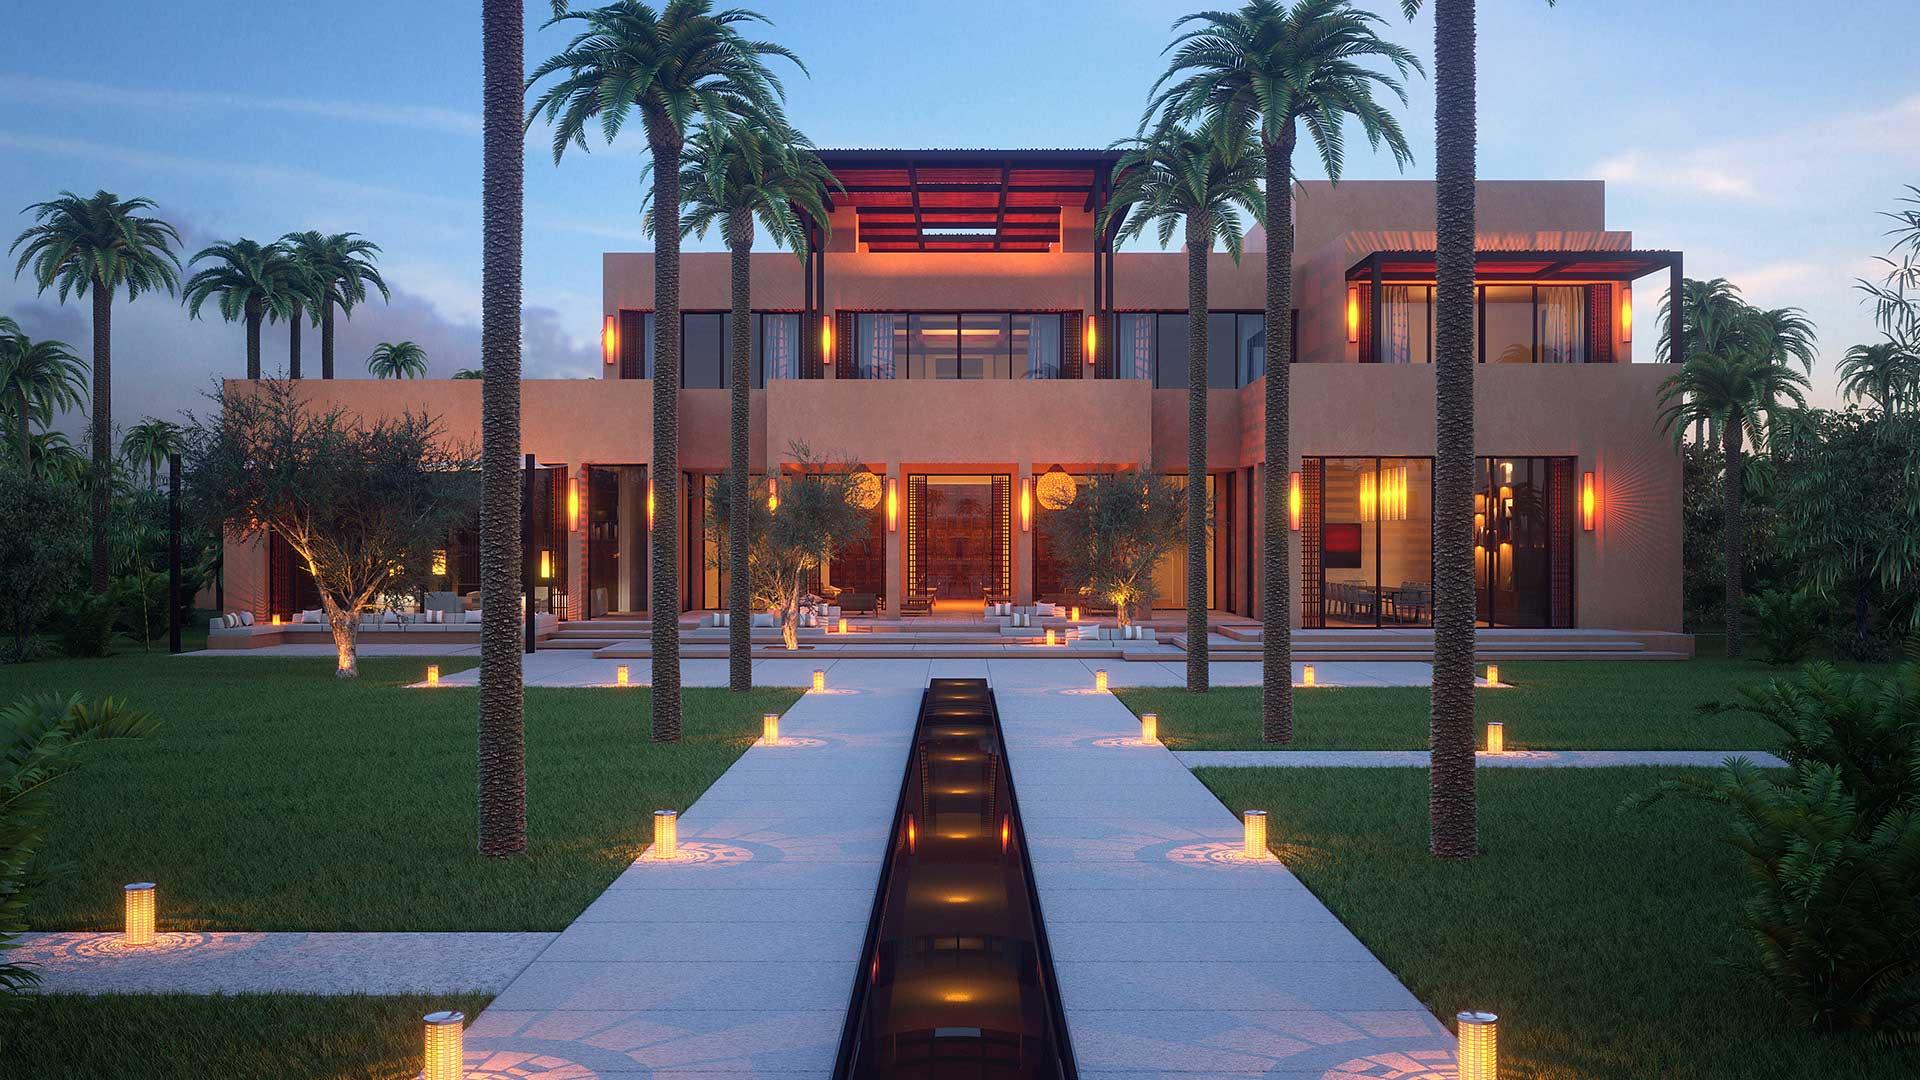 Graphisme 3d rendu image de synth se villa maroc - Appartement luxe en californie horst architects ...